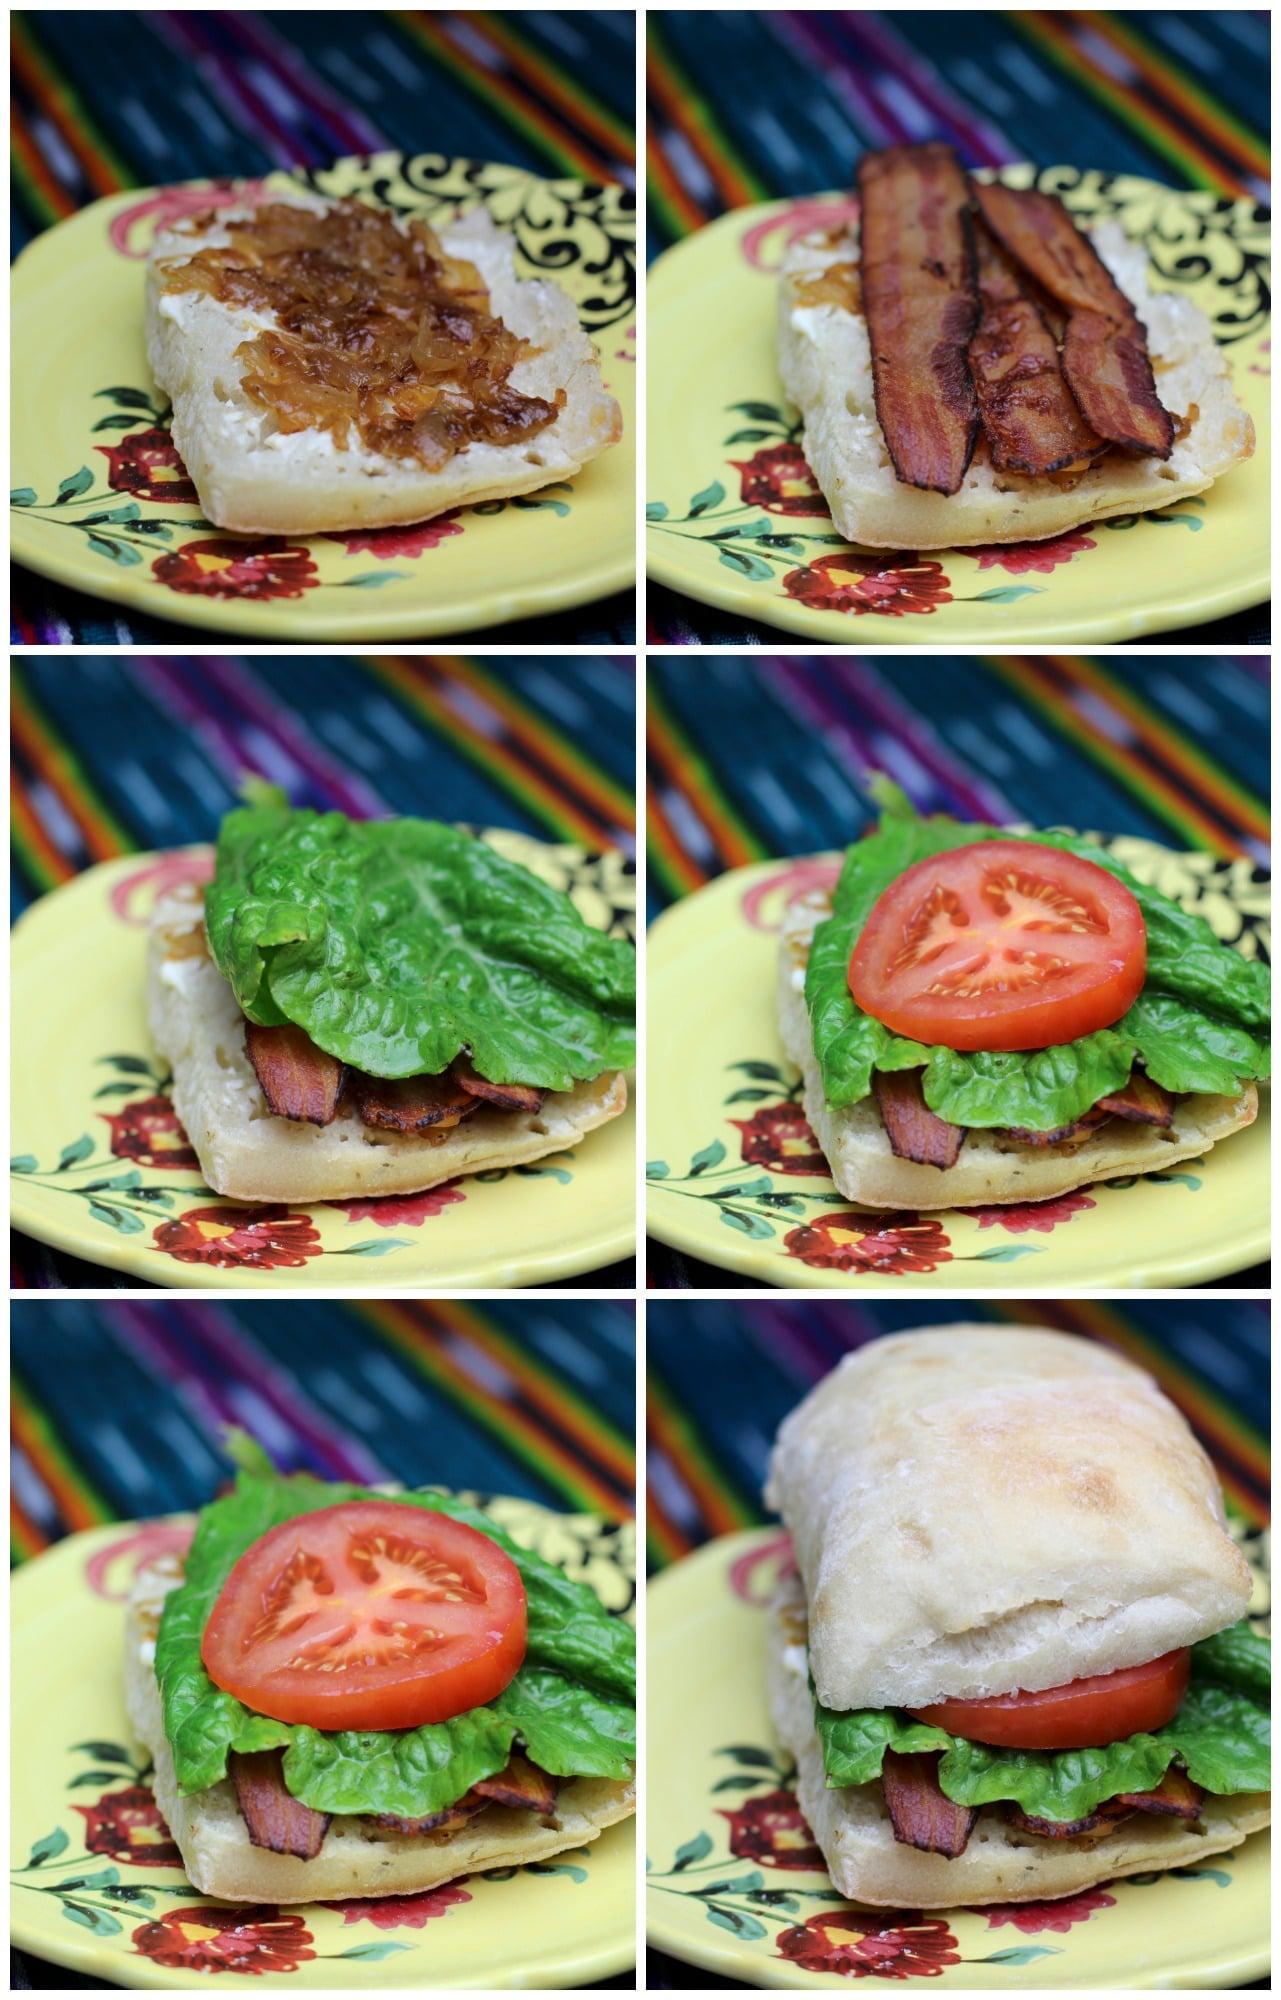 Assemble Sandwich